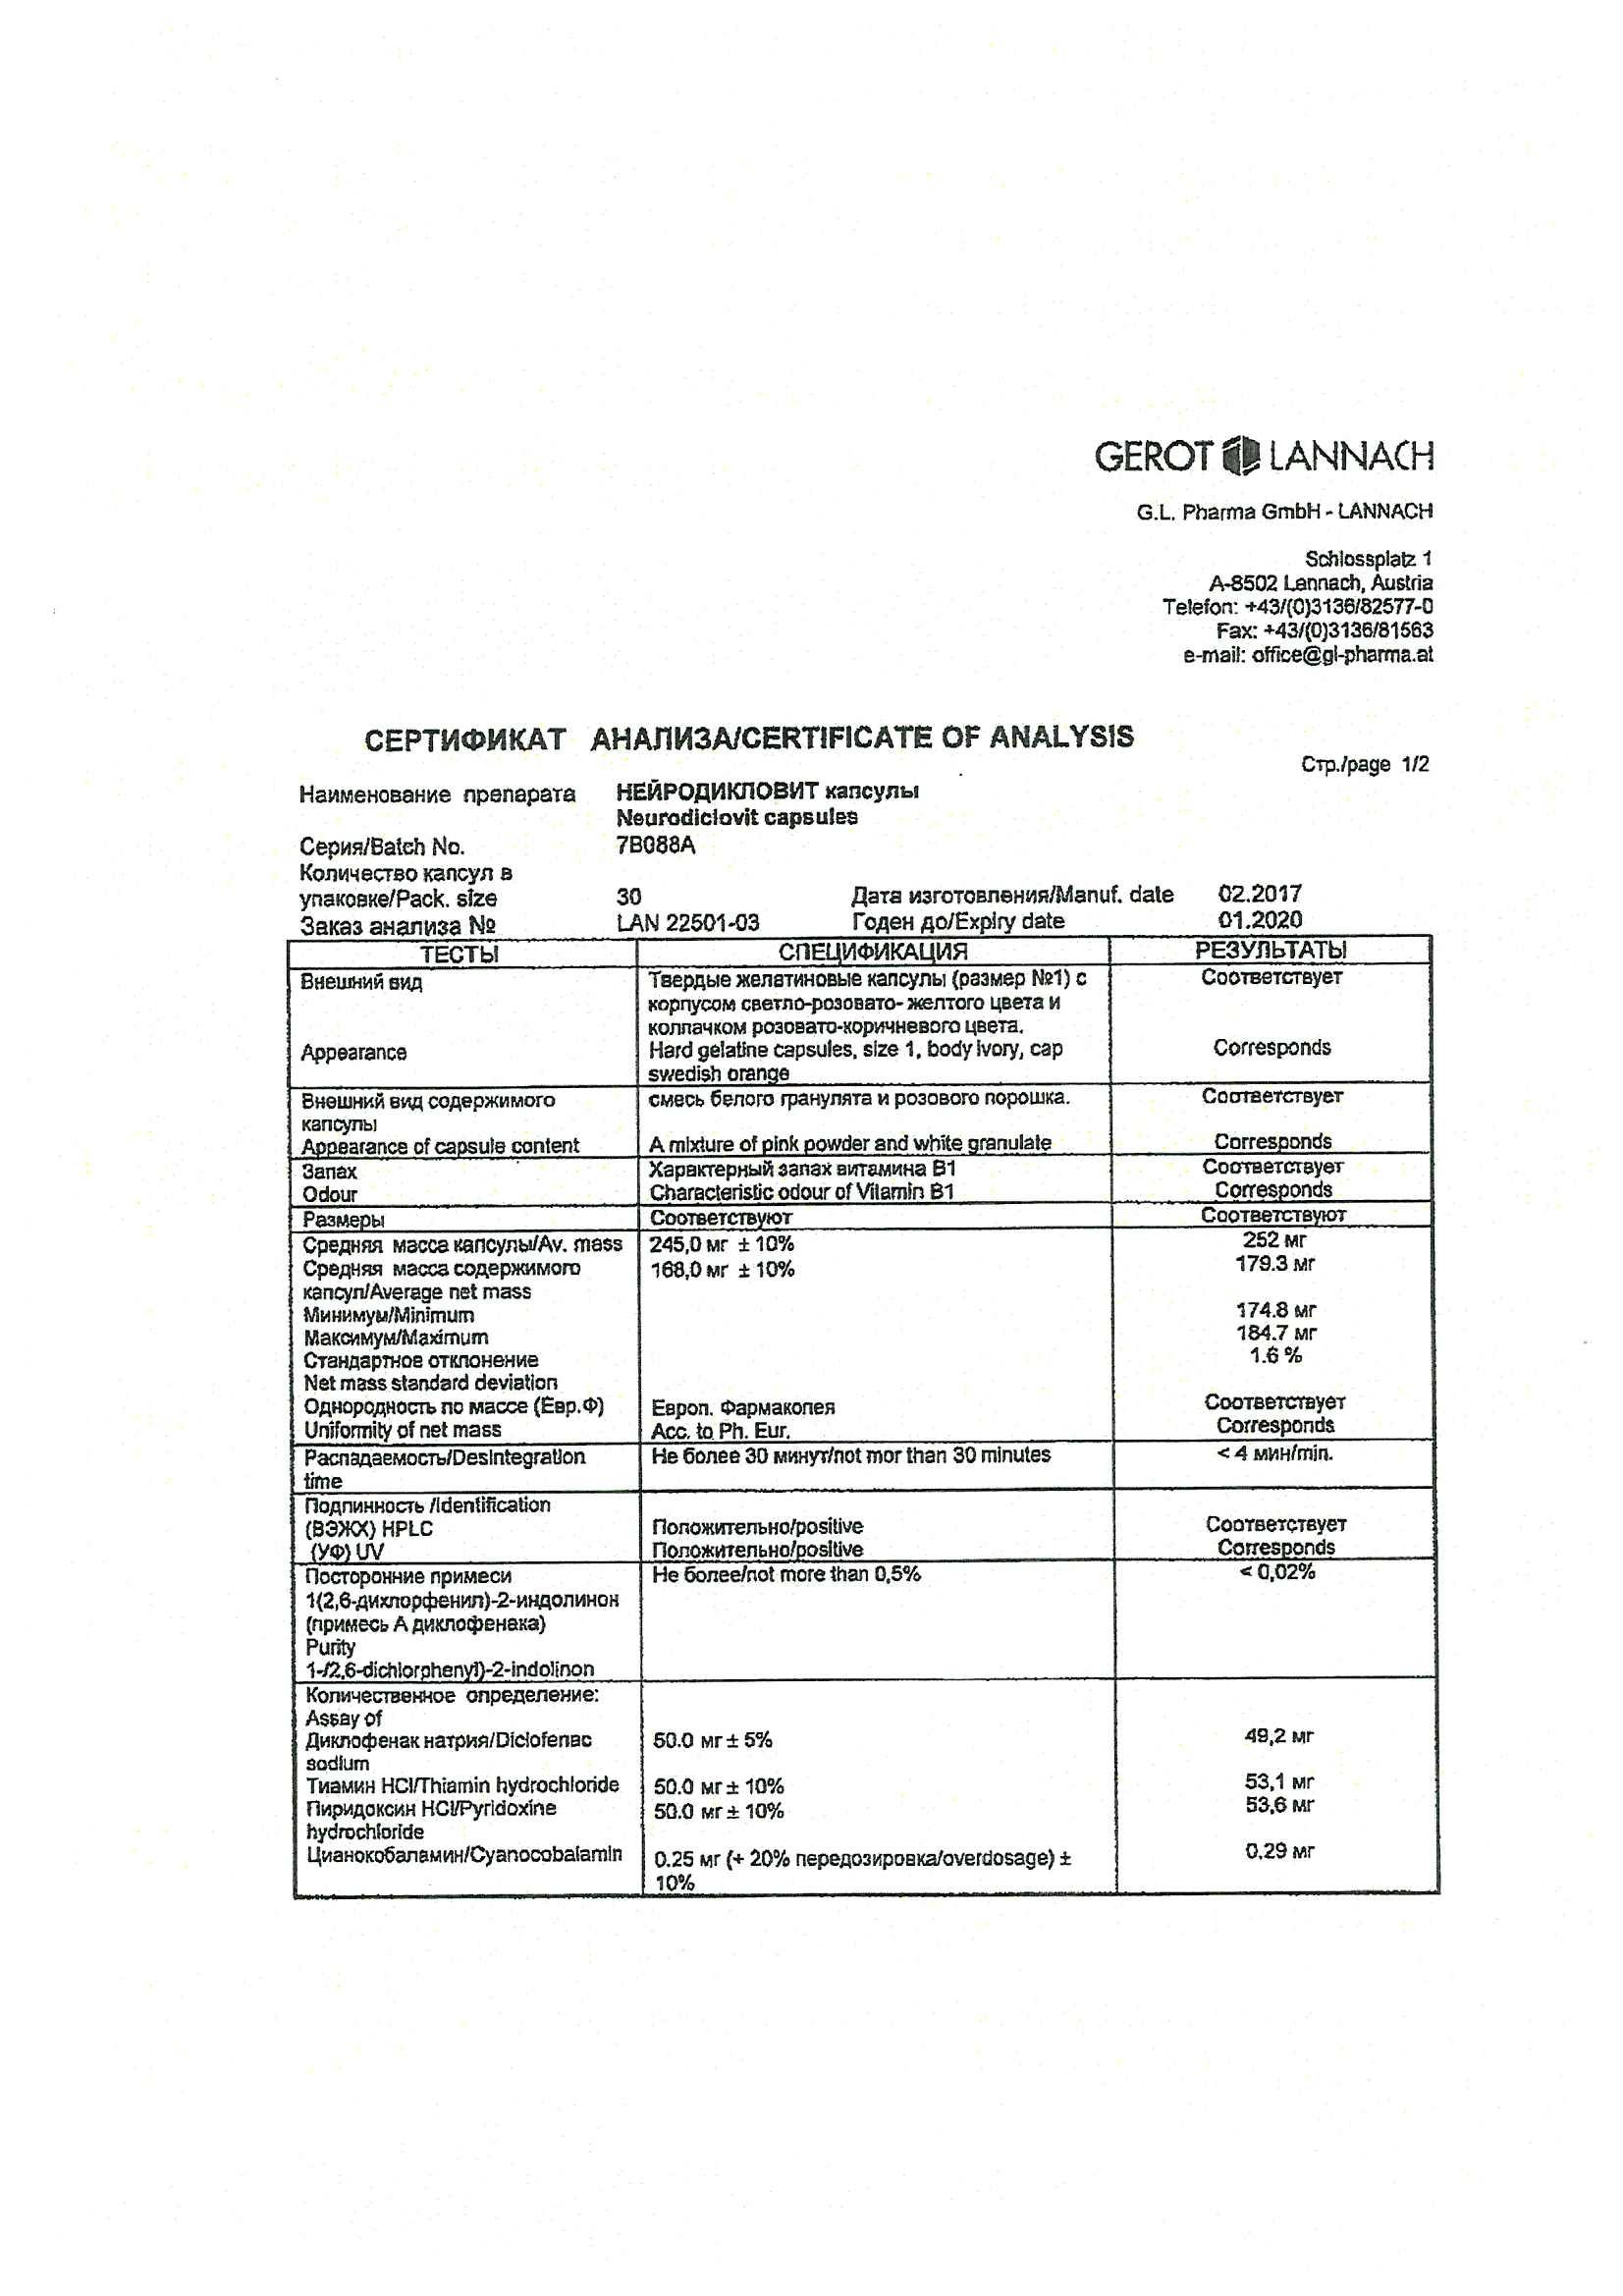 Топ 13 аналогов препарата нейродикловит: список заменителей схожих по составу